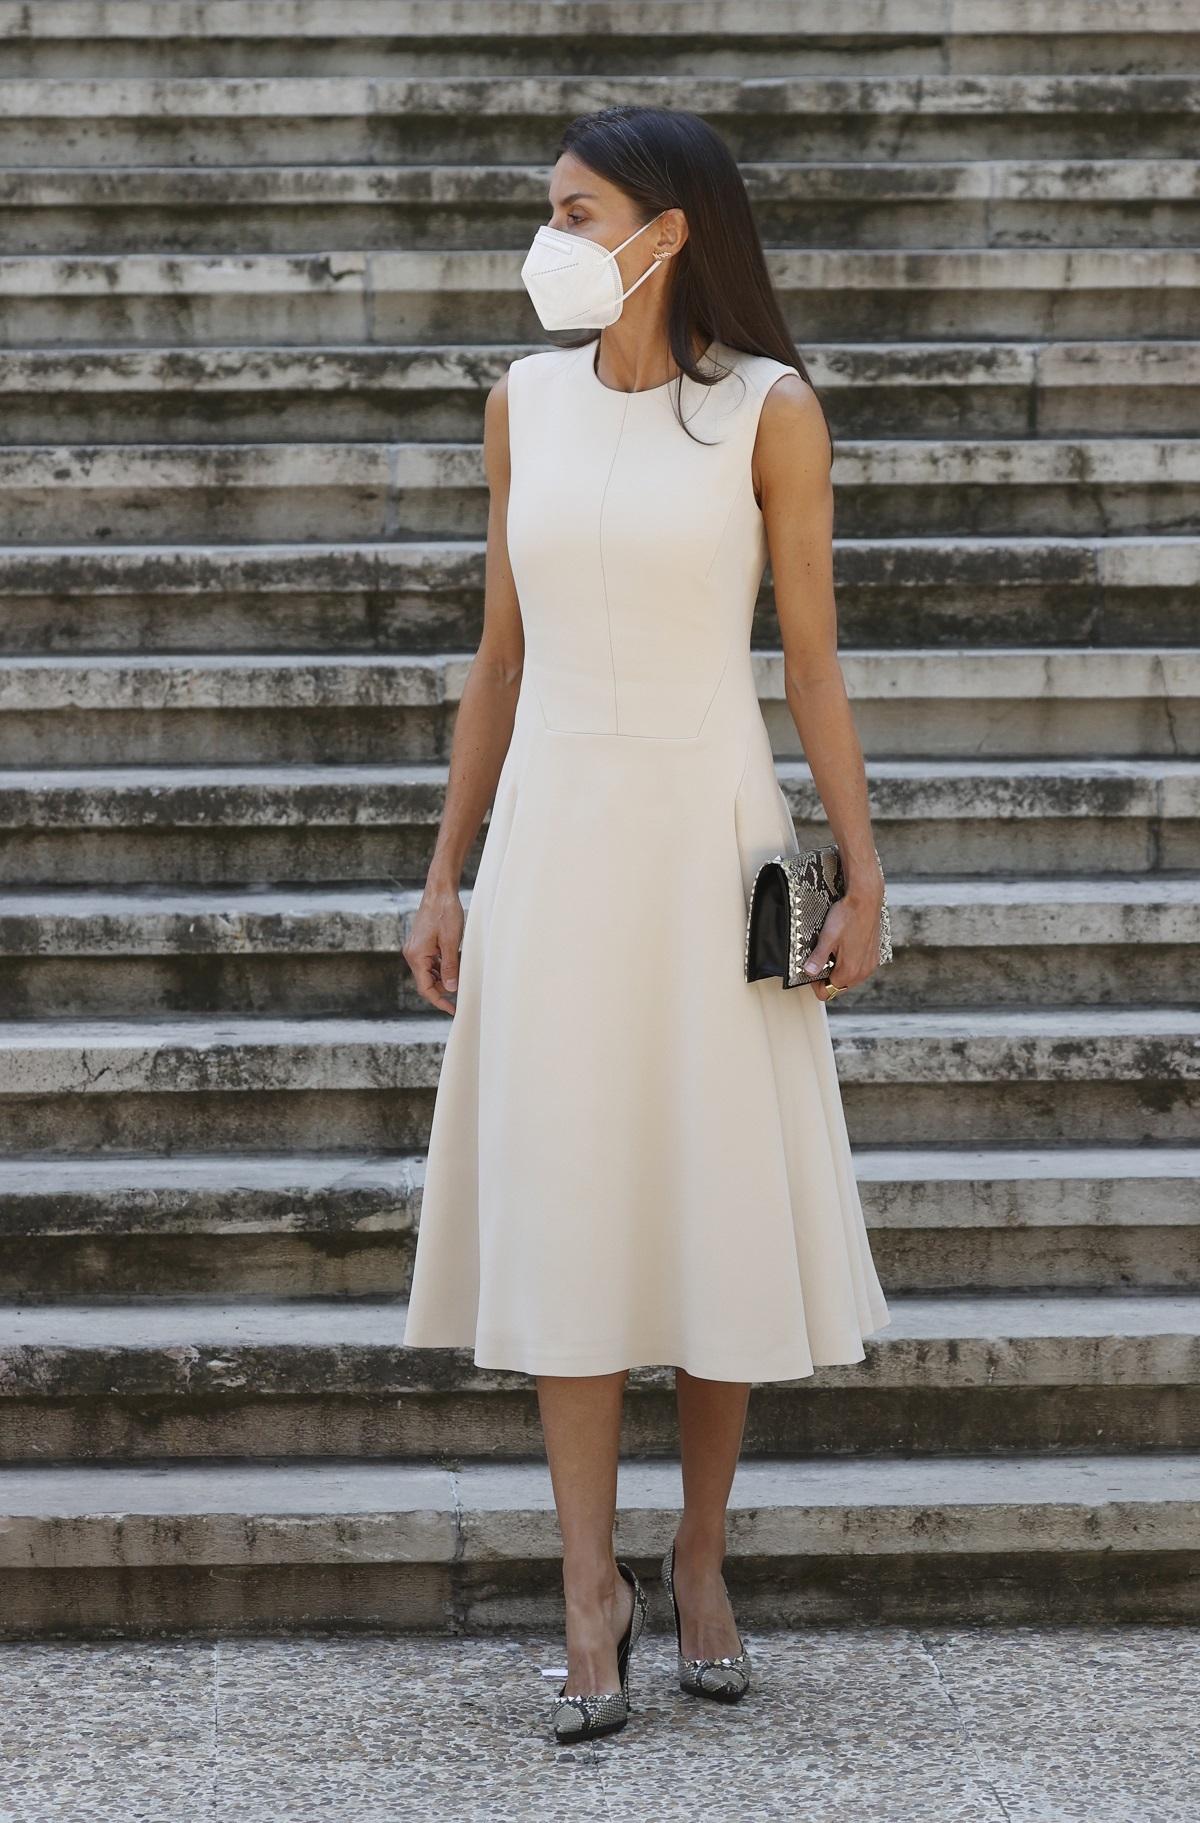 La reina Letizia ha escogido un vestido en color crema de Pedro del Hierro.